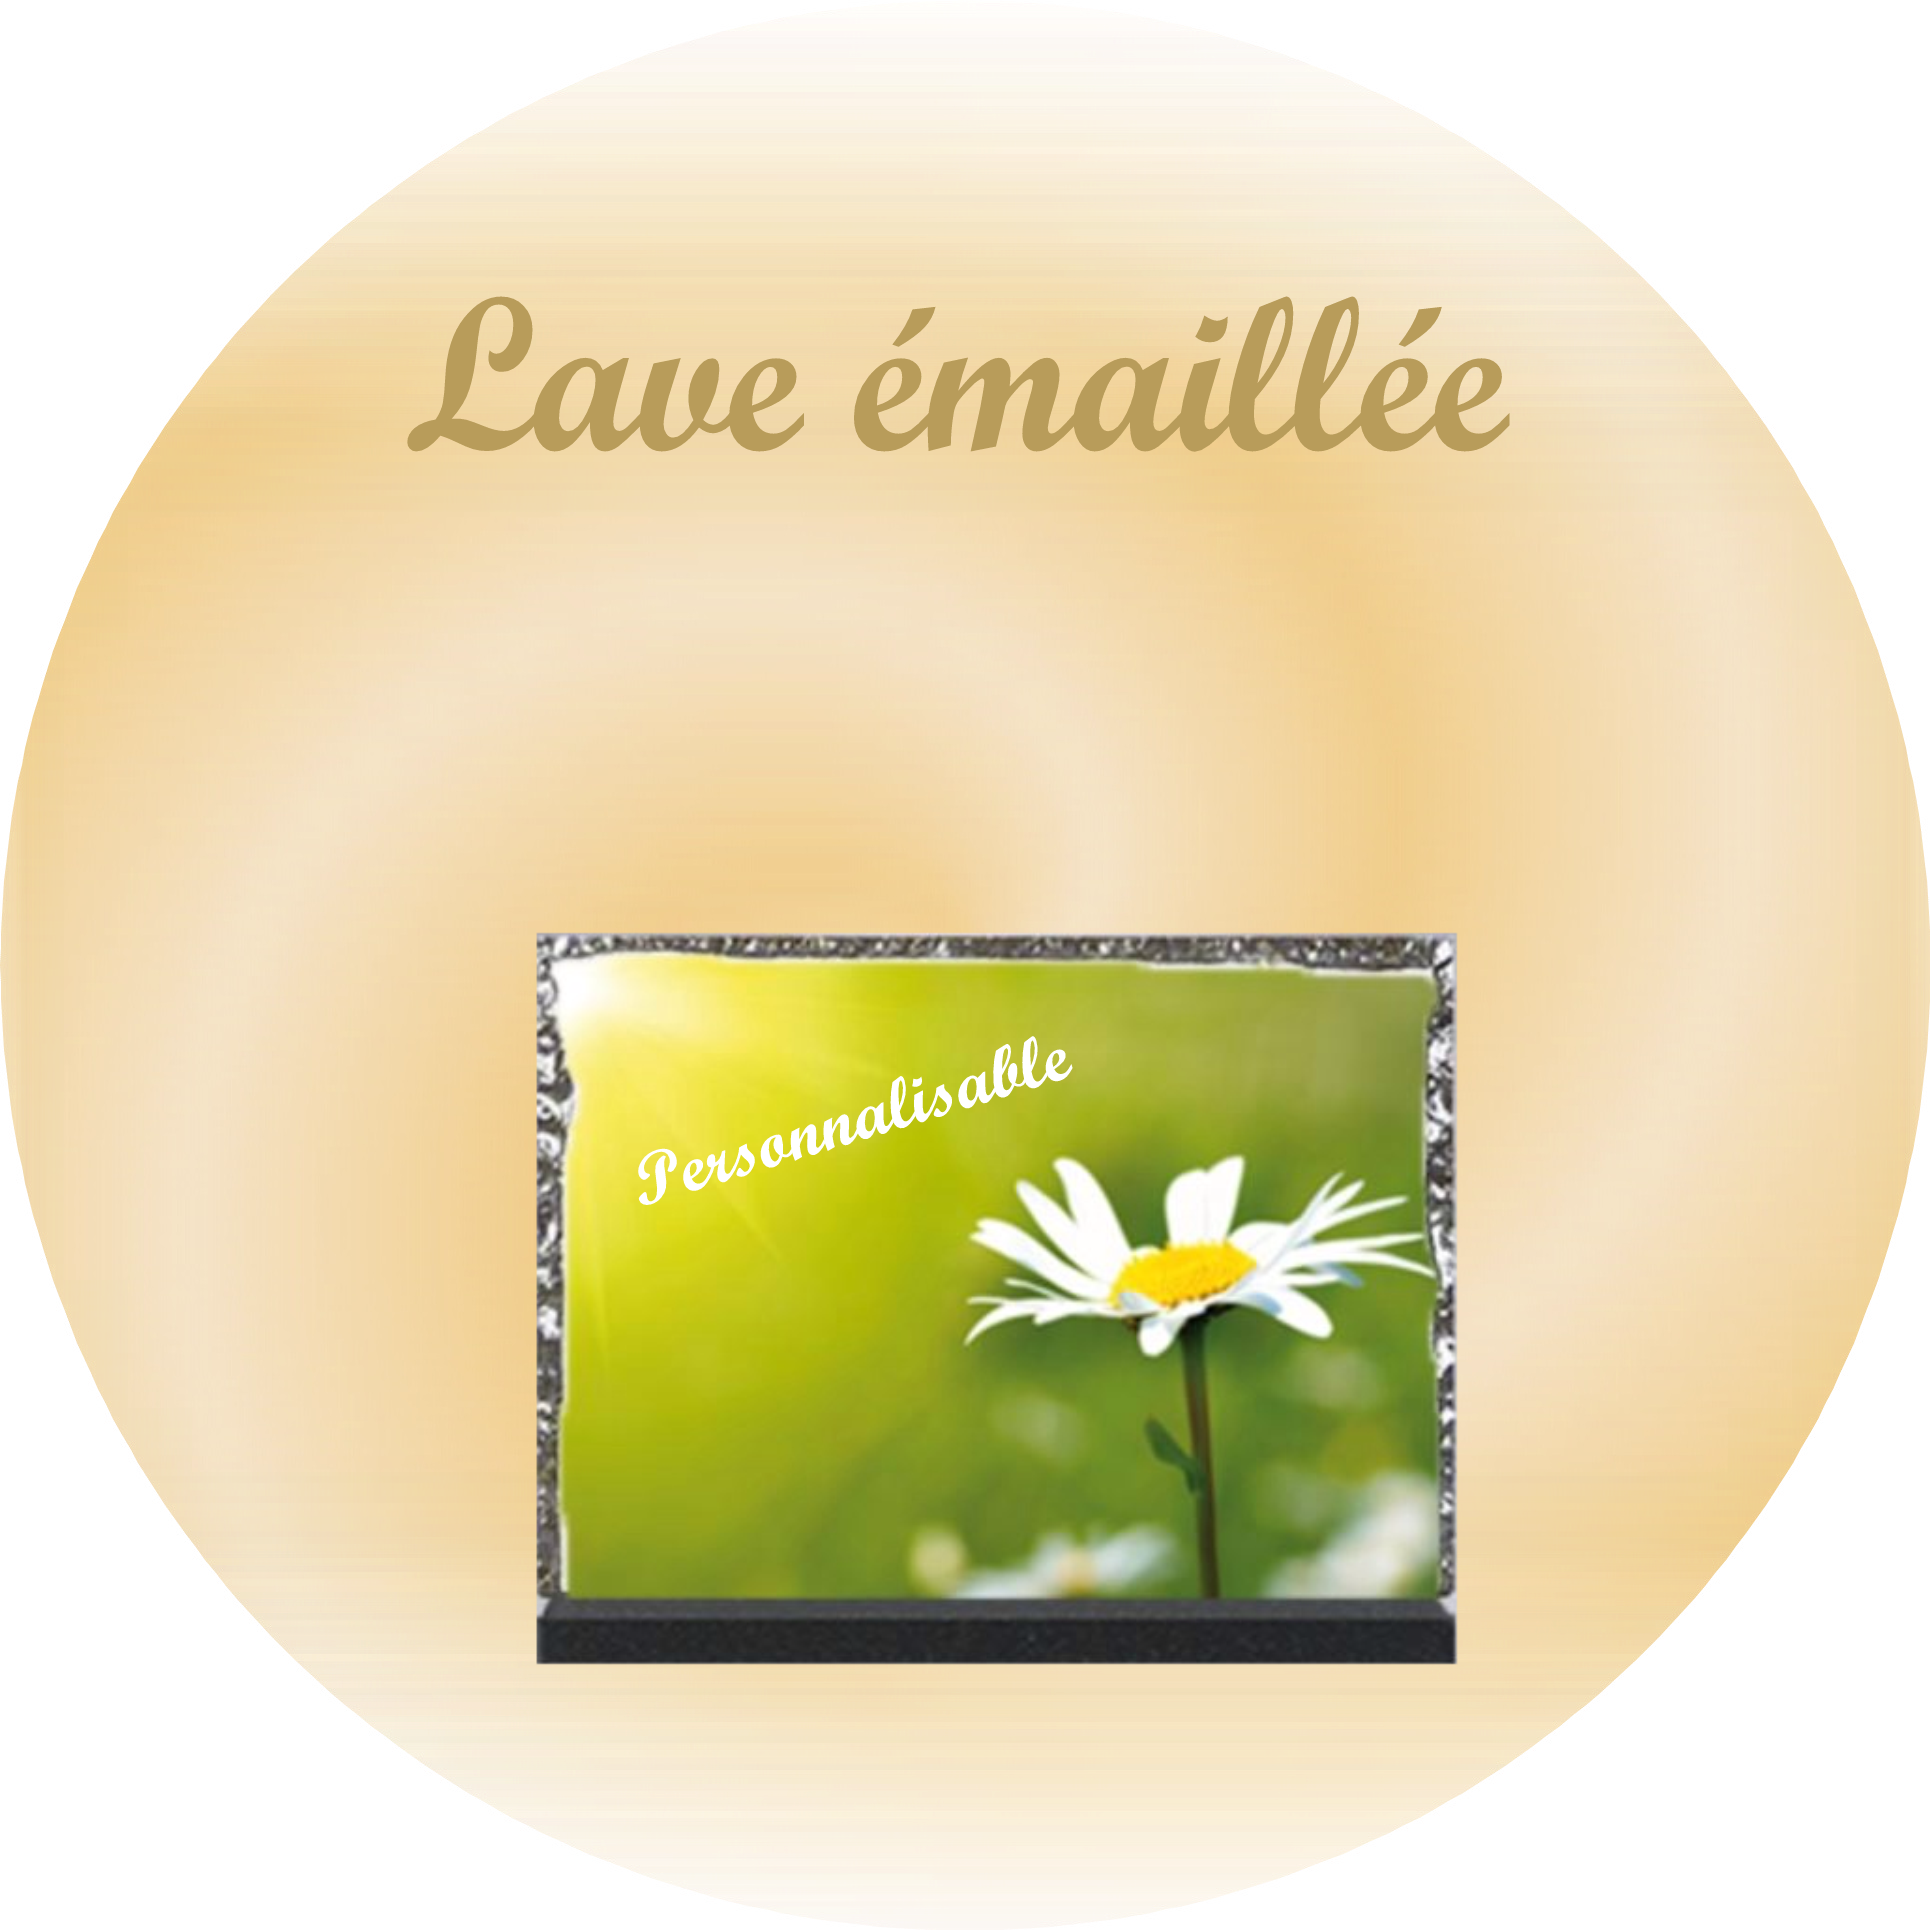 LIVRAISON PLAQUE FUNERAIRE LAVE EMAILLEE PARIS 11